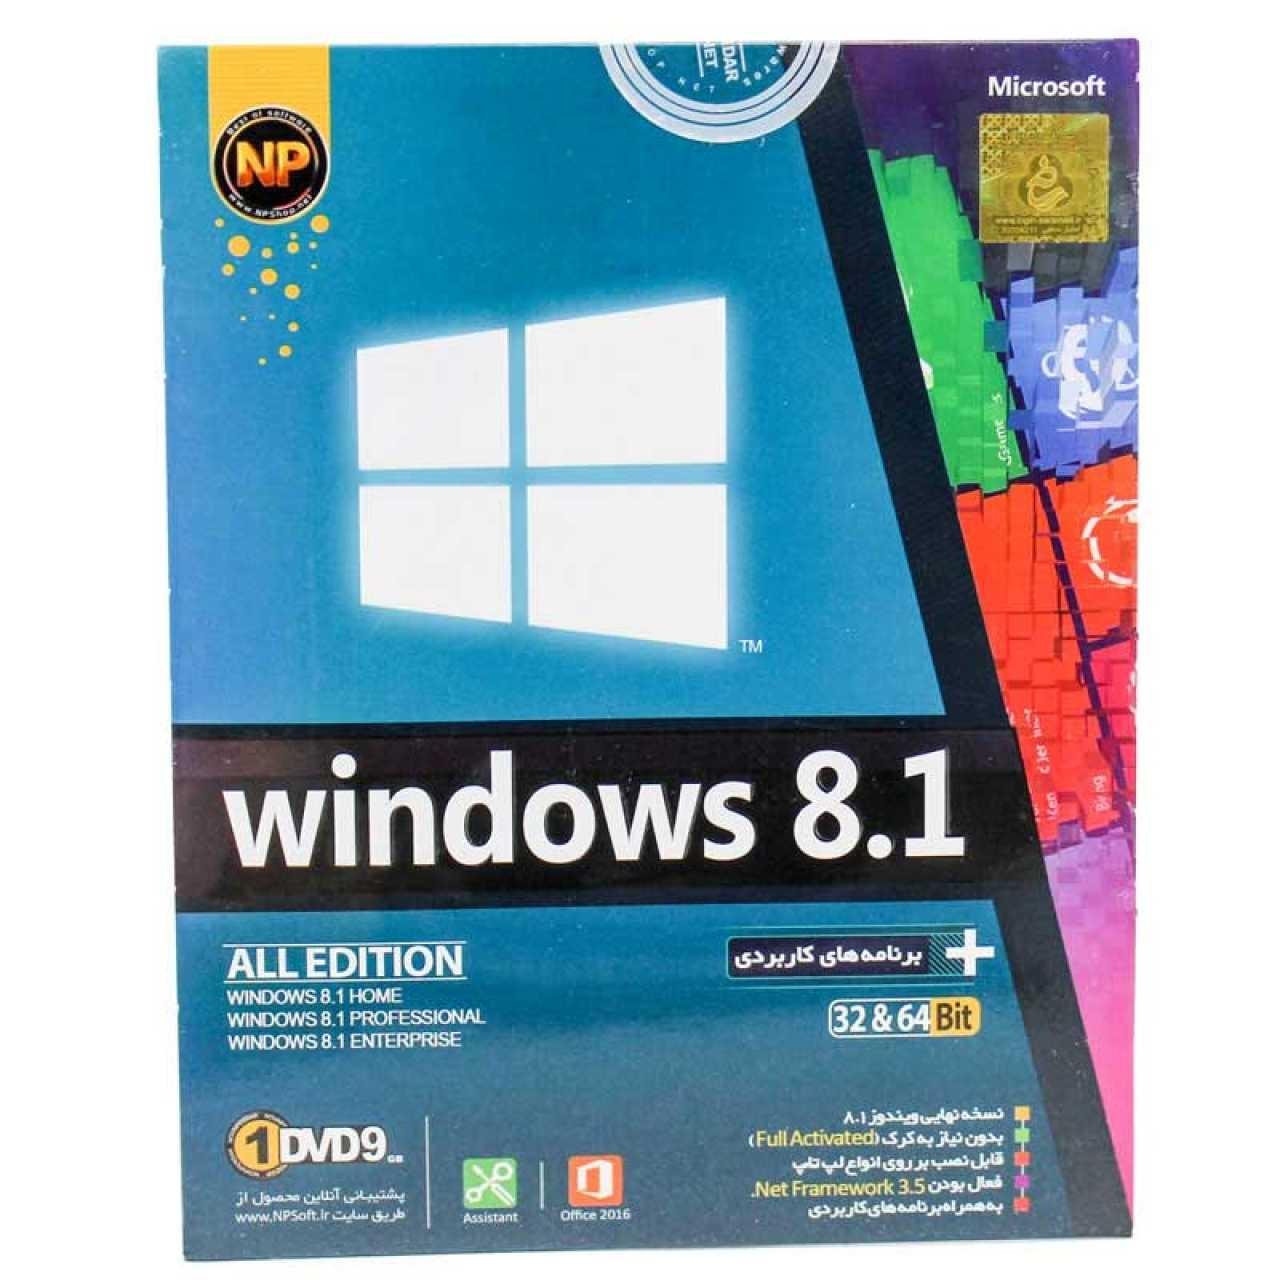 سیستم عامل ویندوز 8.1 به همراه آفیس 2016 و برنامه های کاربردی- انتشارات نوین پندار